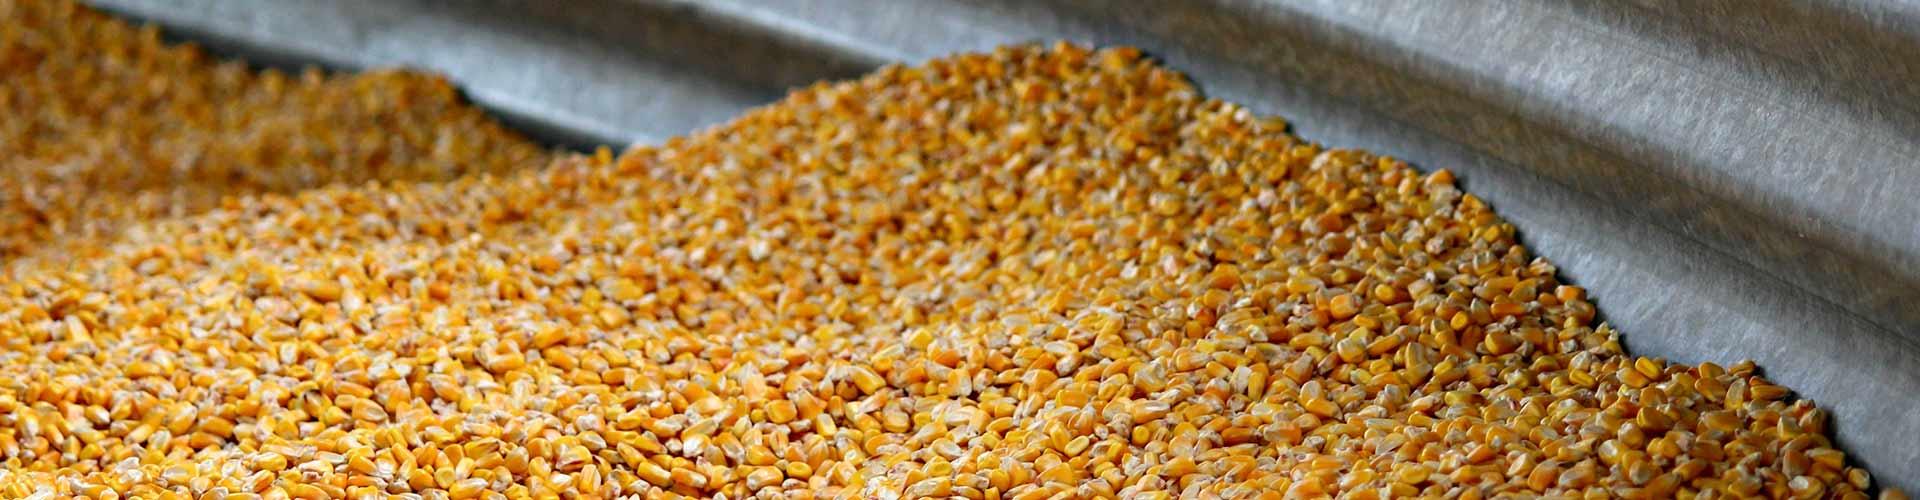 Como evitar imprevistos em silos de grãos